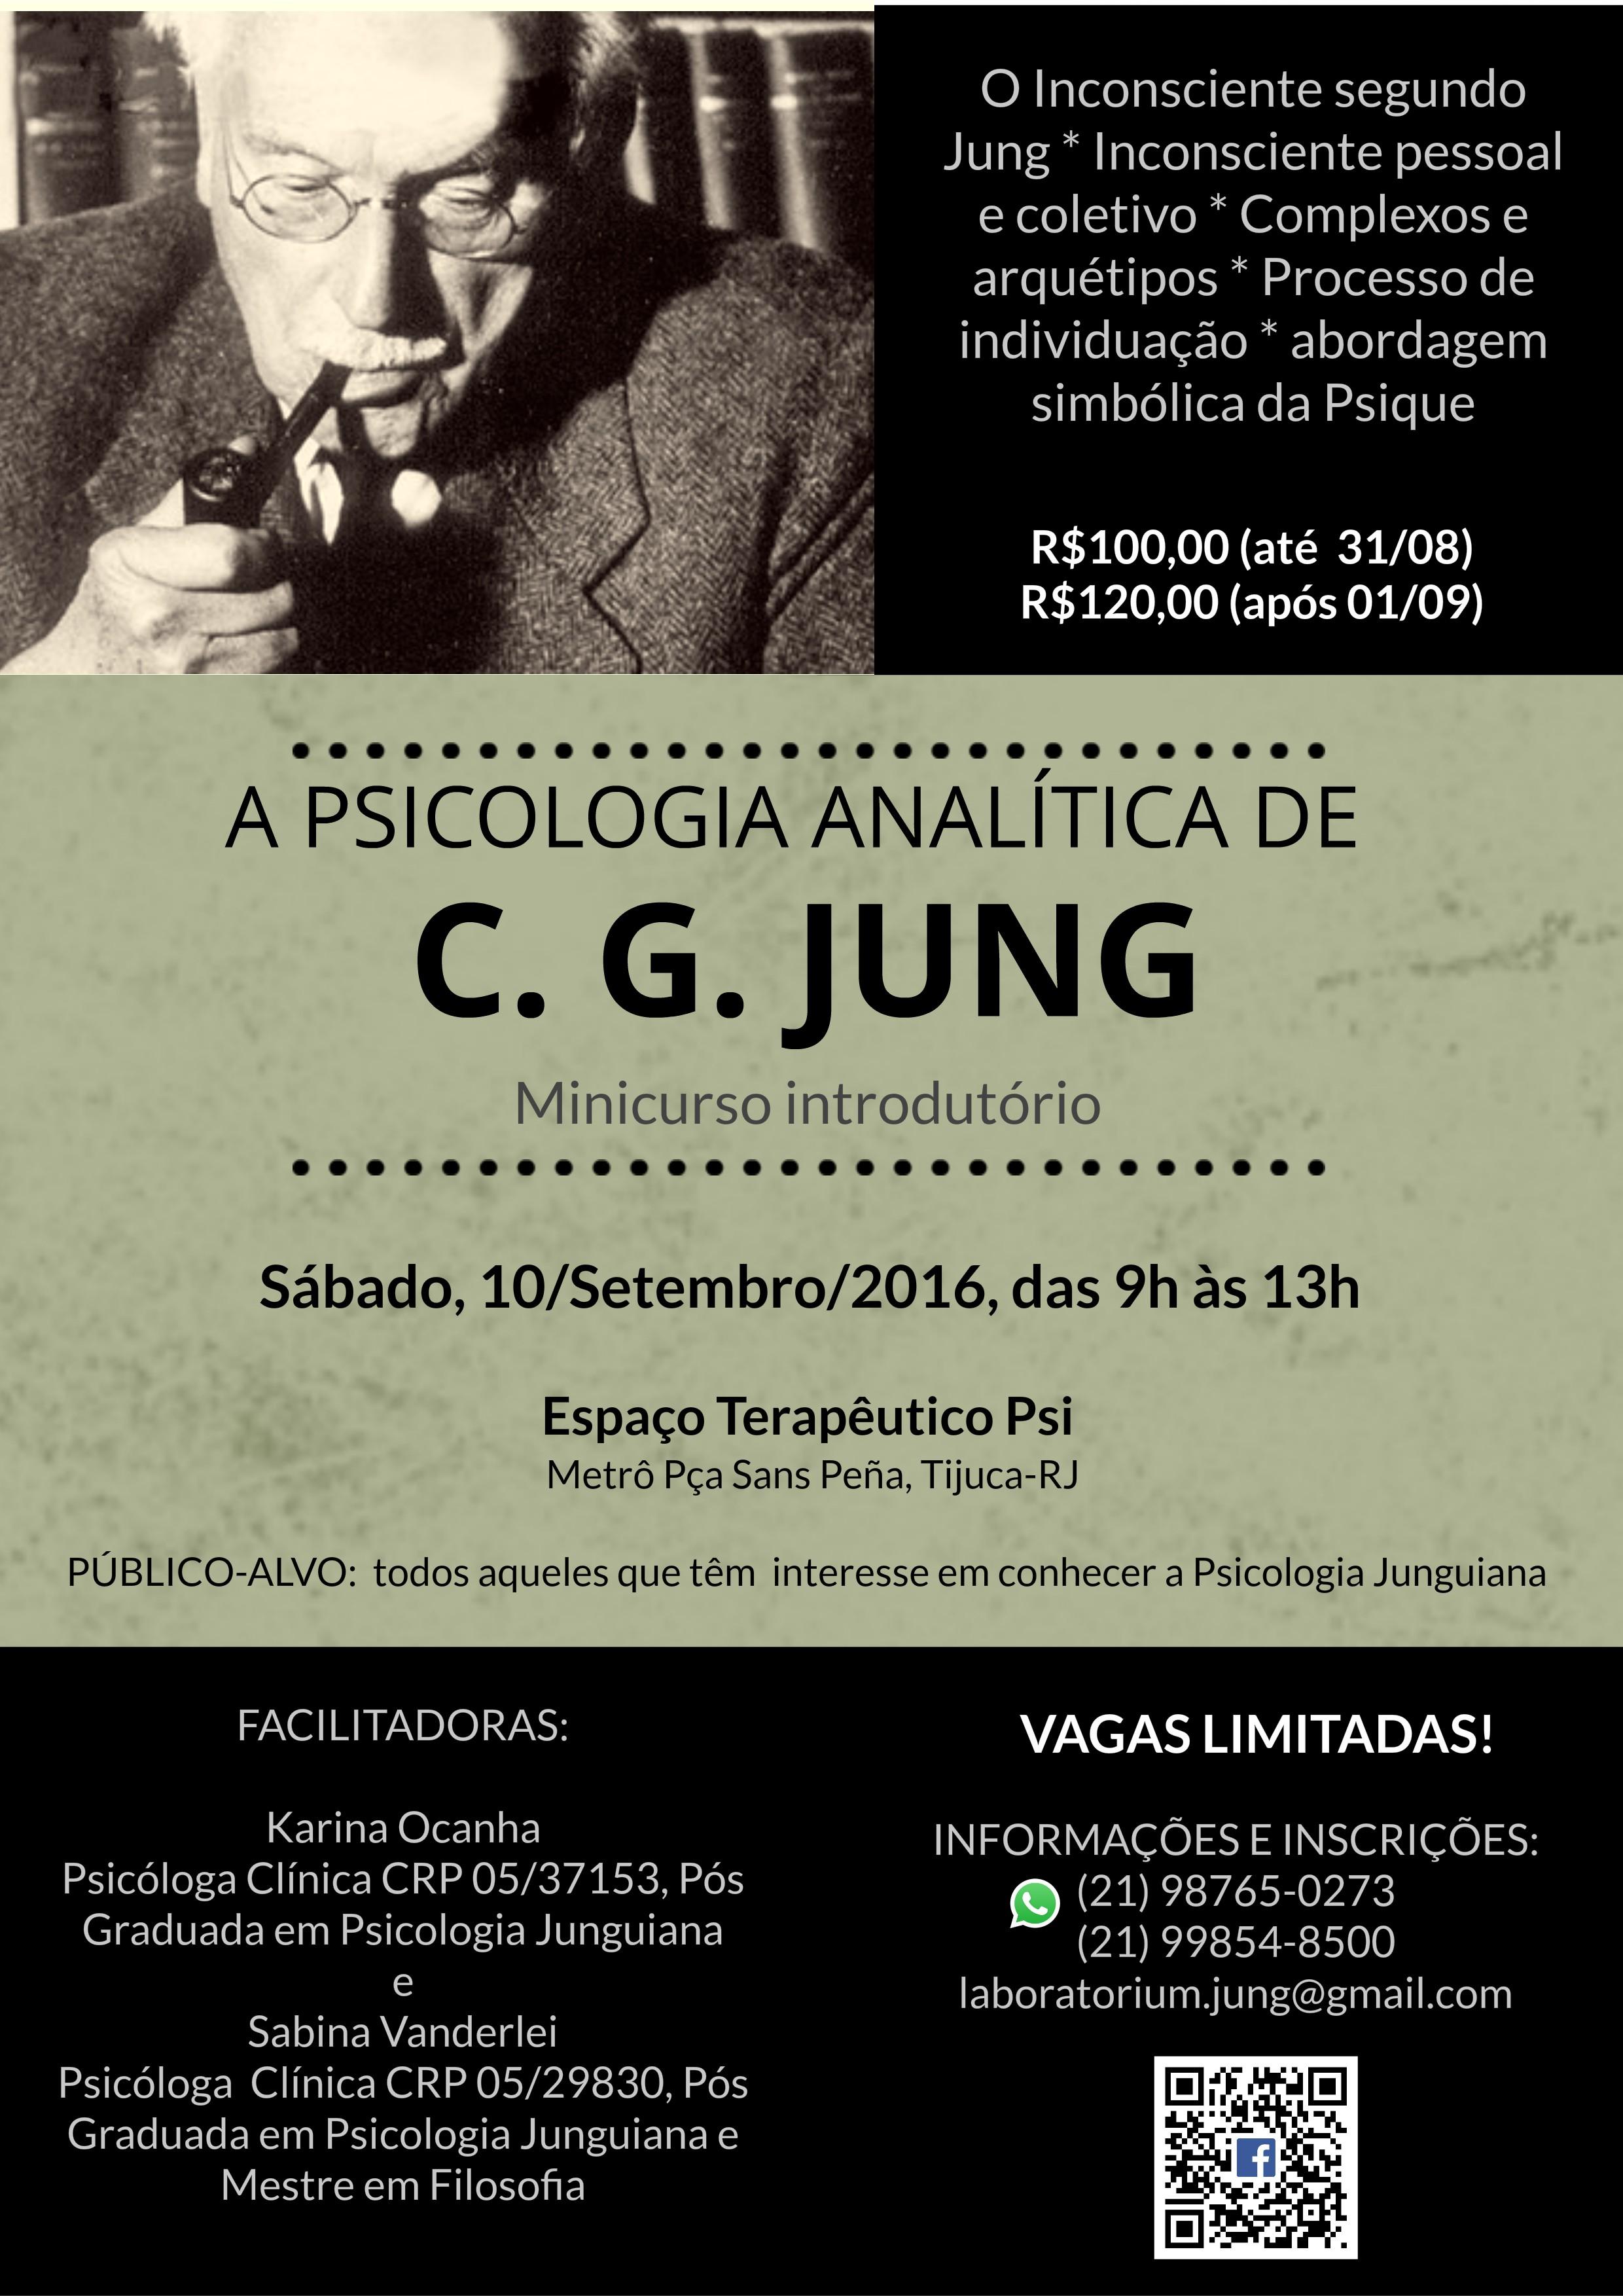 A PSICOLOGIA ANALÍTICA DE C. G. JUNG